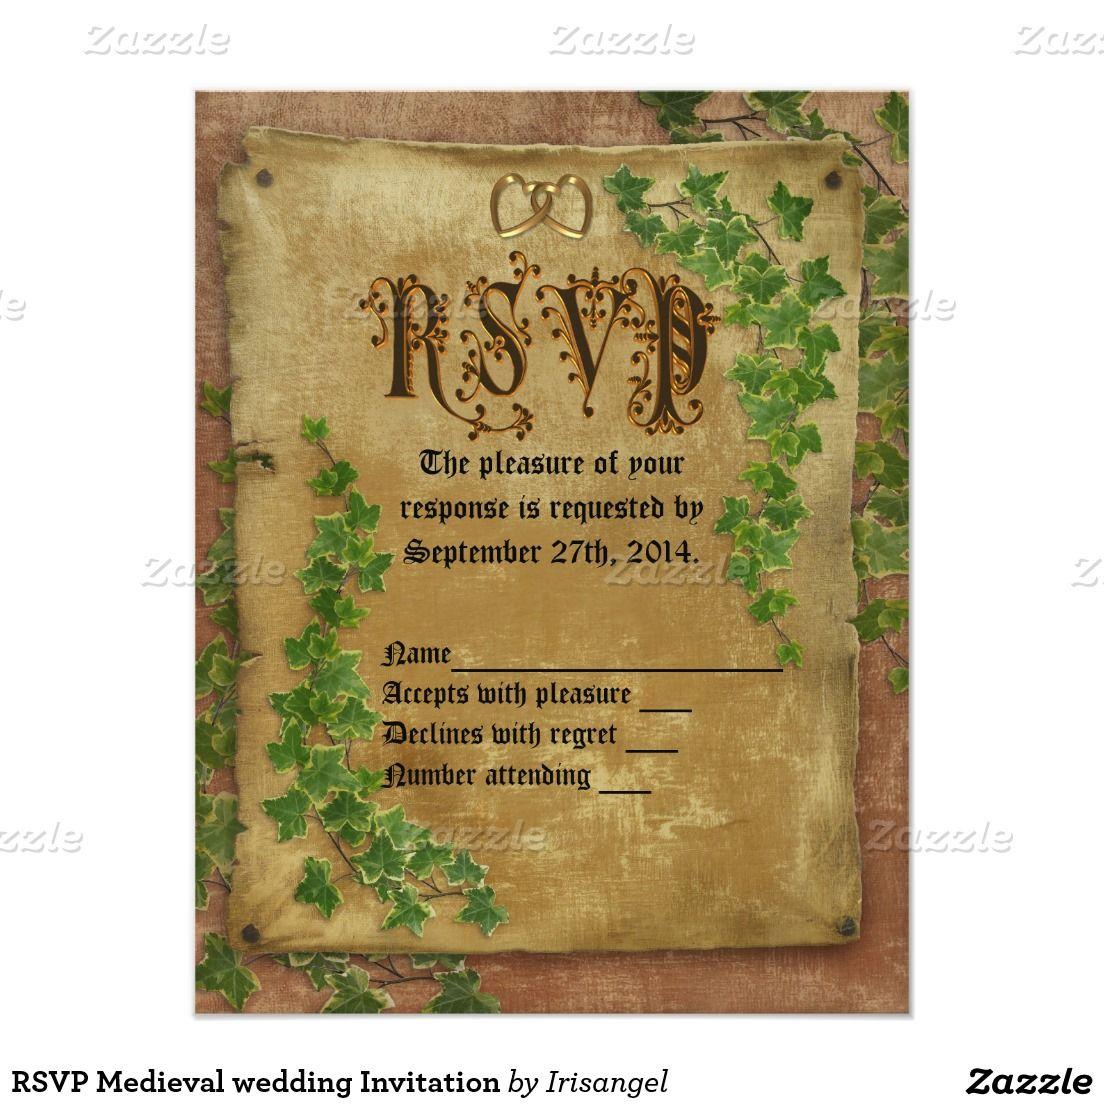 Rsvp medieval wedding invitation medieval wedding rsvp and medieval rsvp medieval wedding invitation stopboris Choice Image